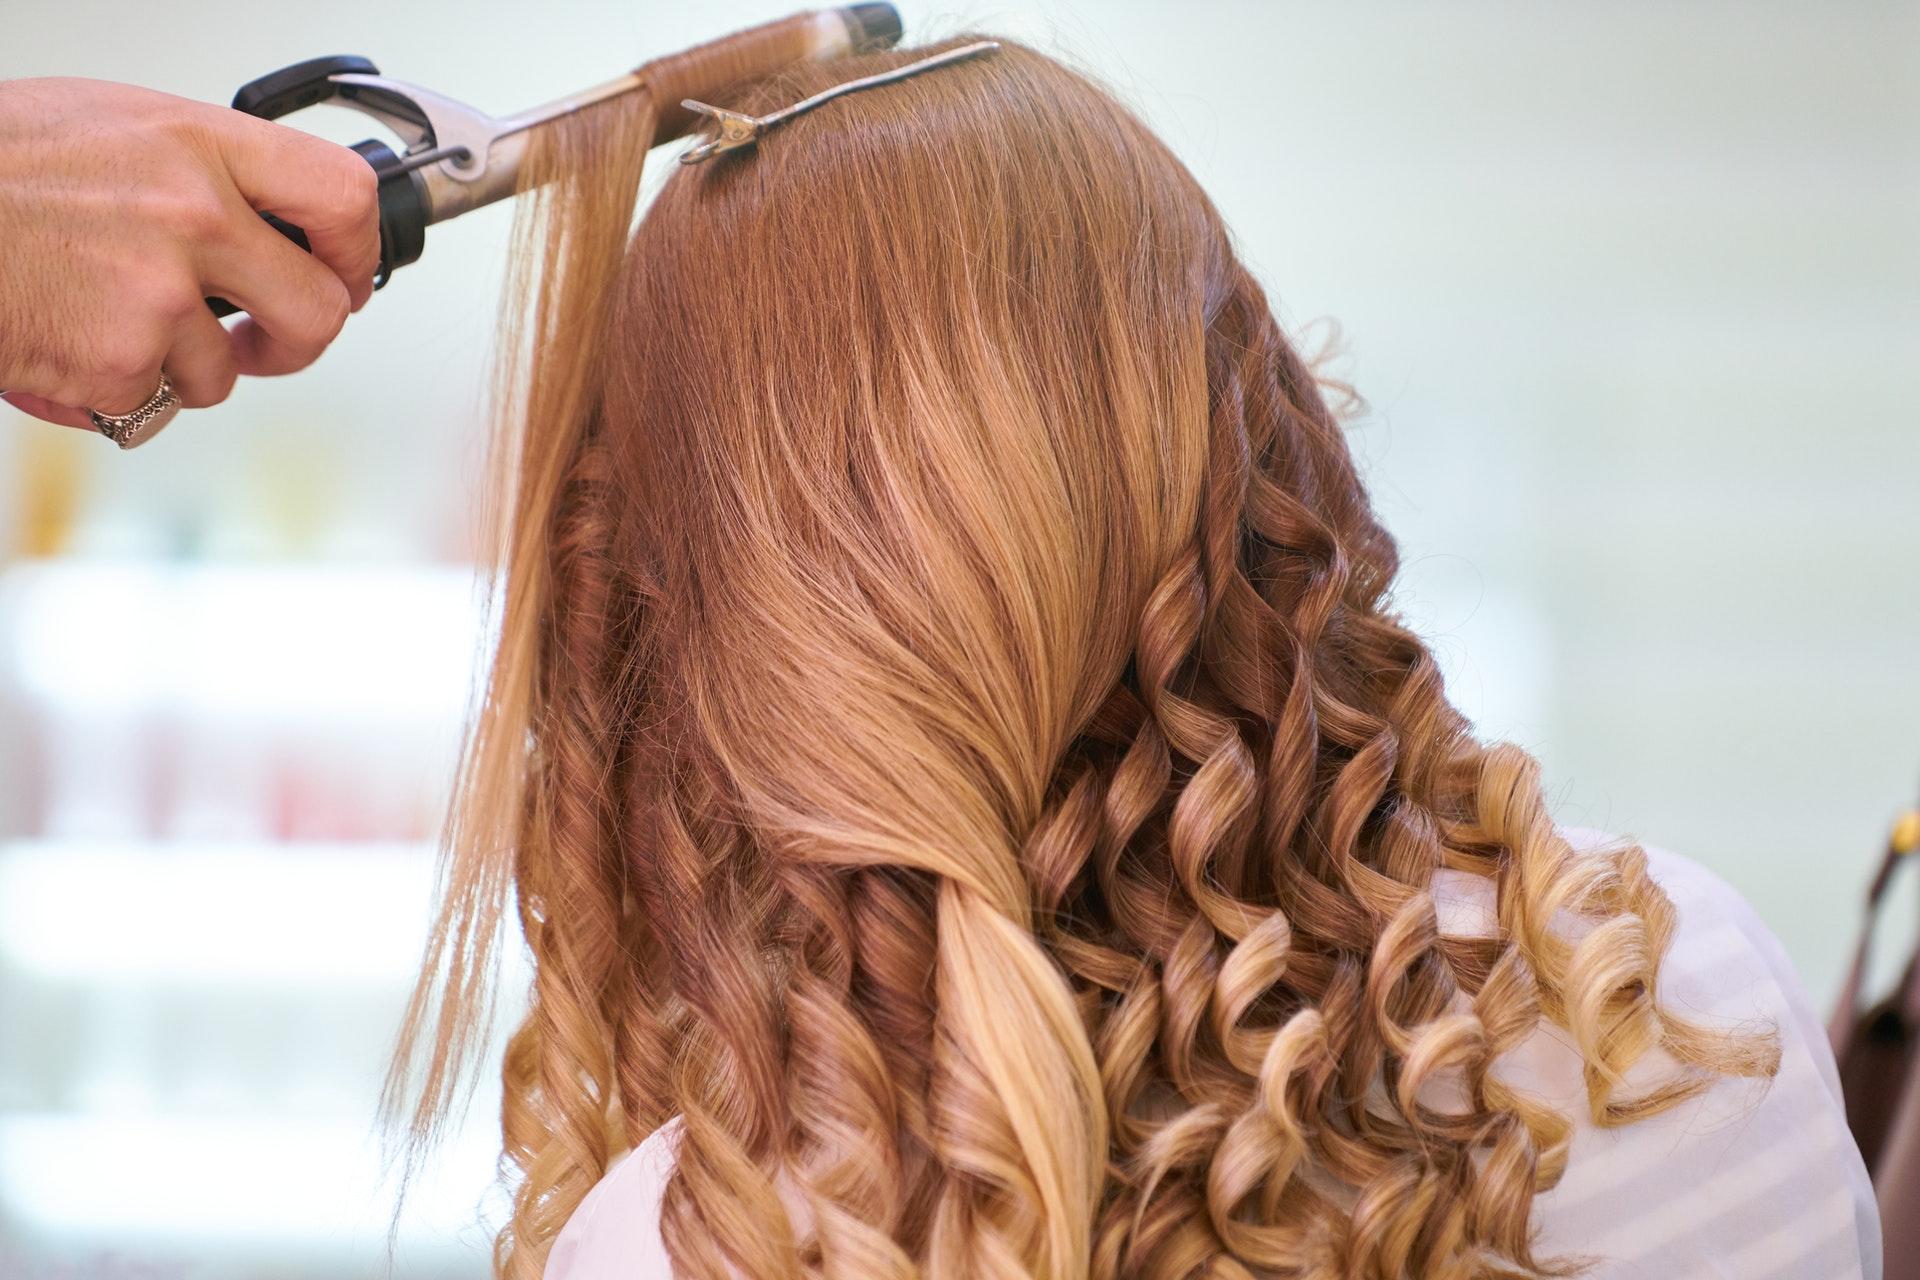 Imagem de uma mulher fazendo cachos no cabelo. Imagem ilustrativa texto franquias baratas beleza 2022.